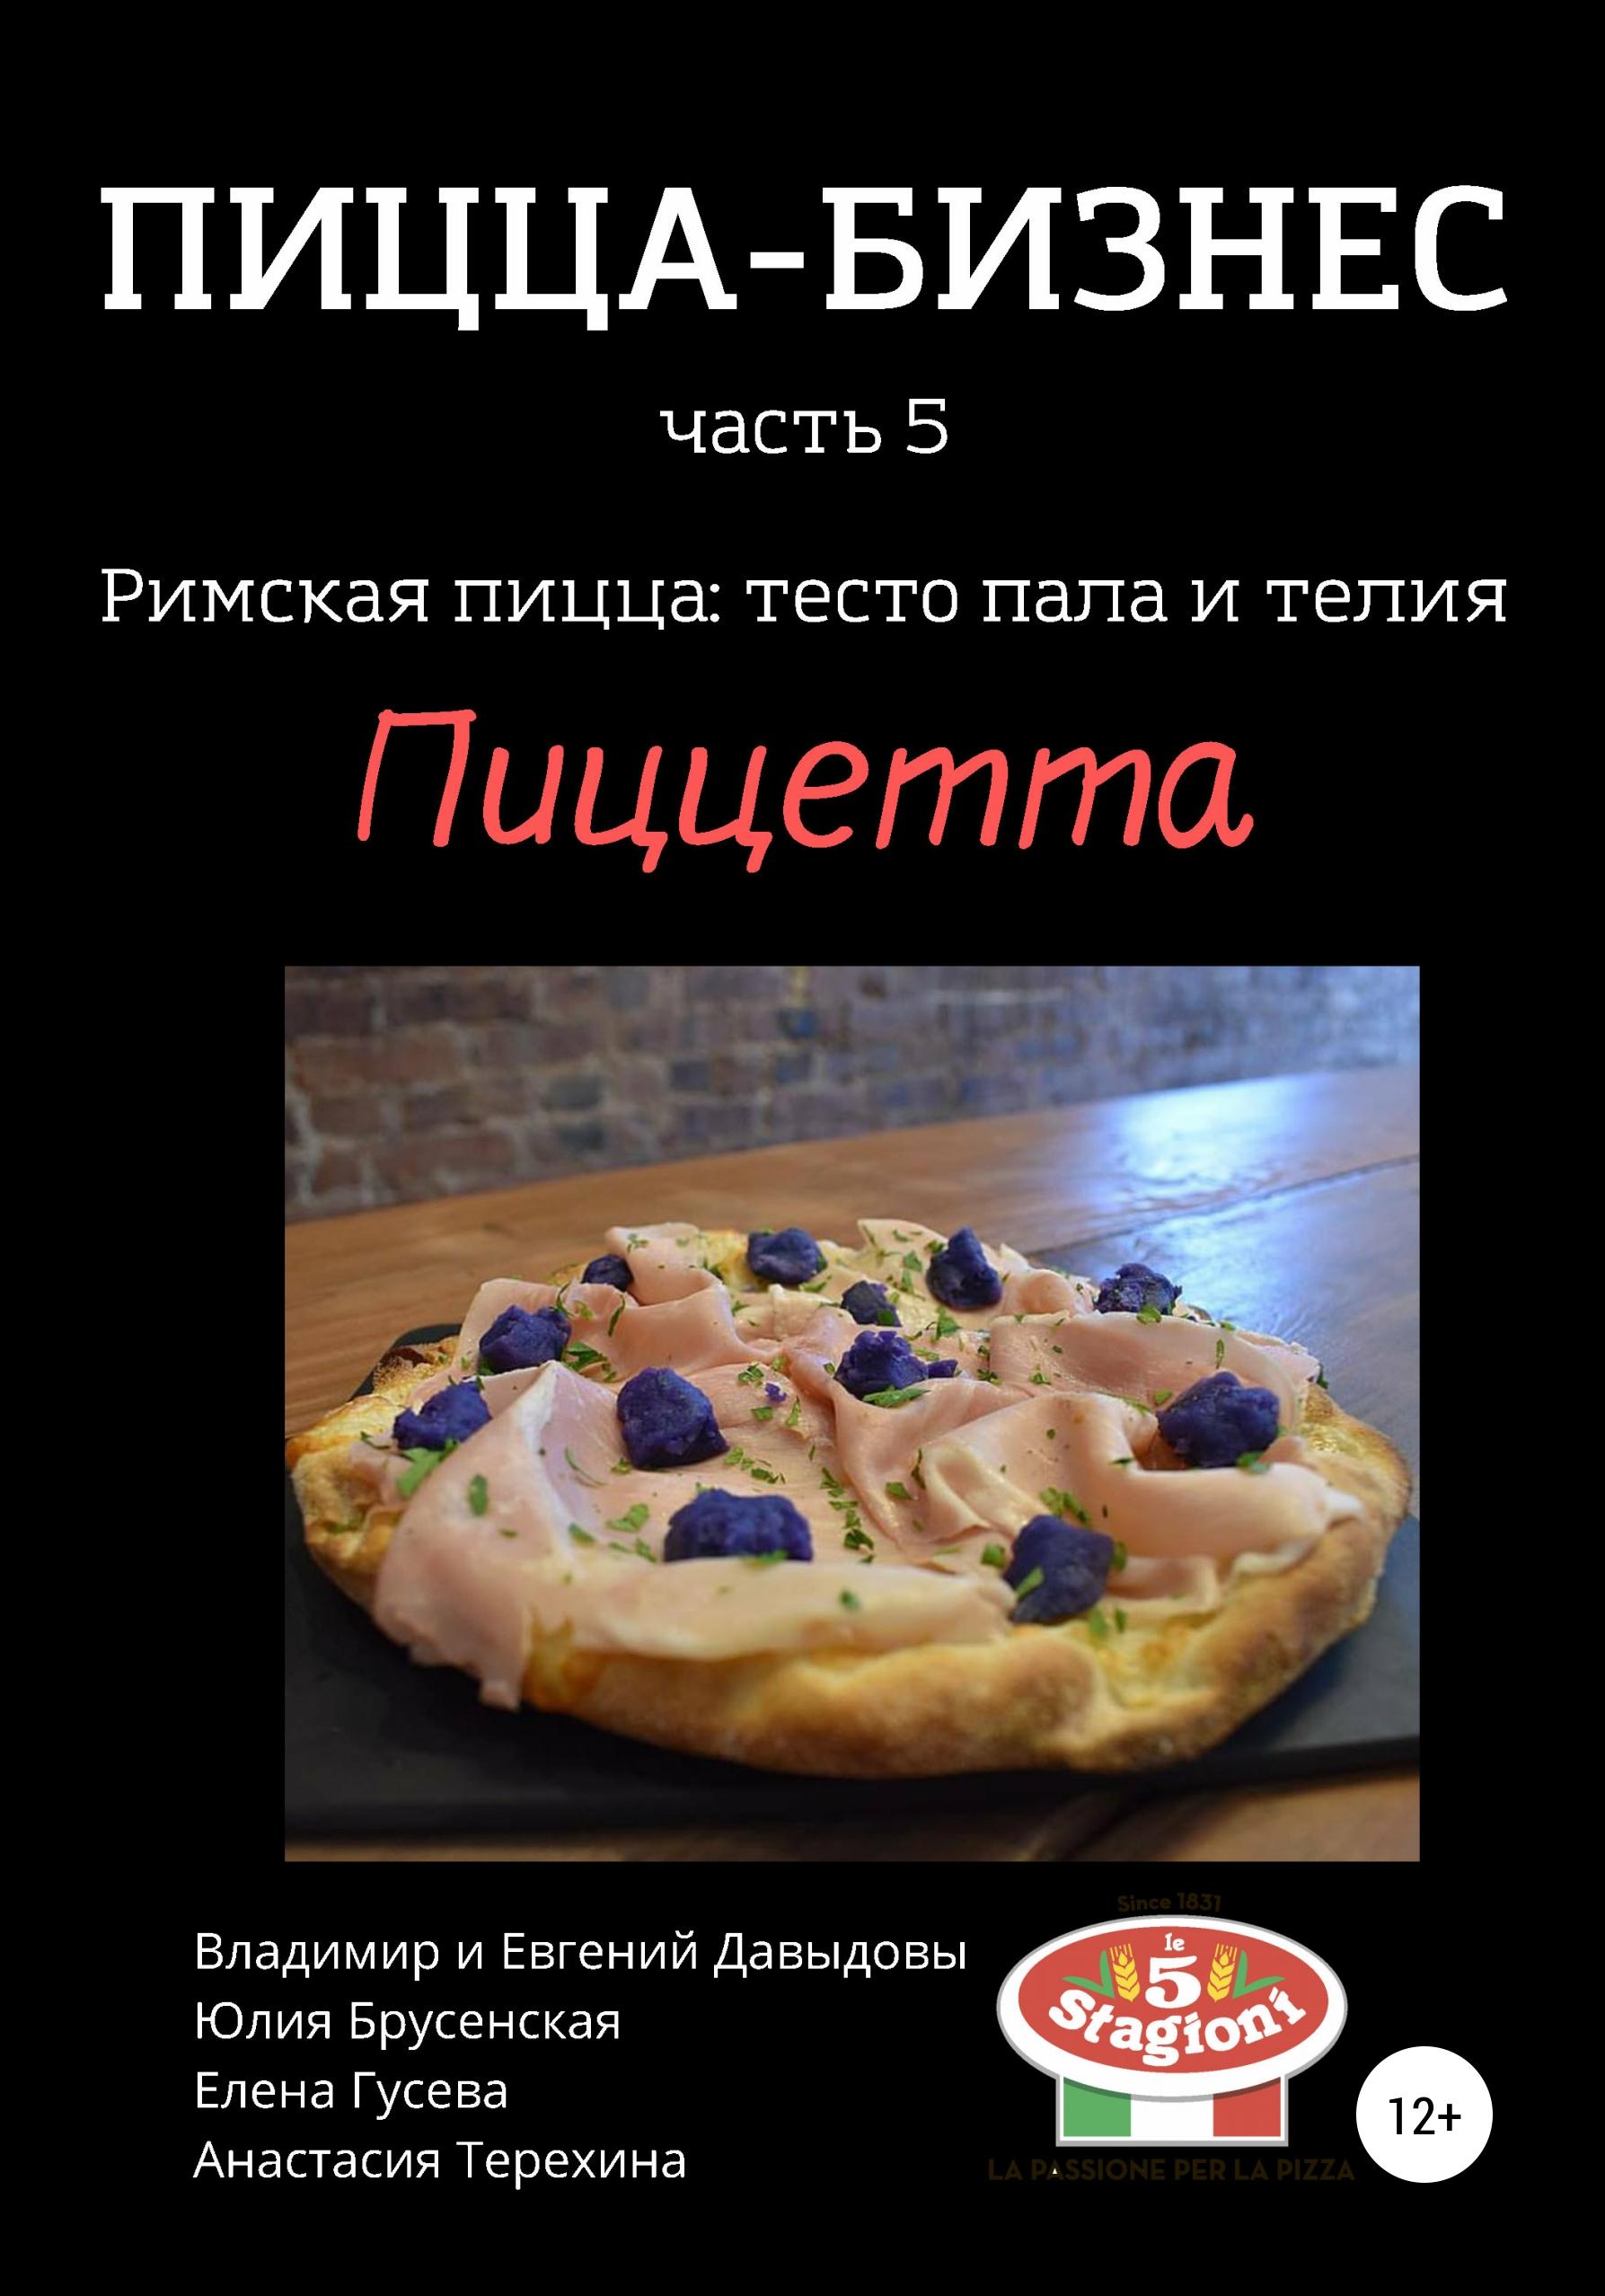 Пицца-бизнес, часть 5. Римская пицца: тесто пала и телия. Пинса романо